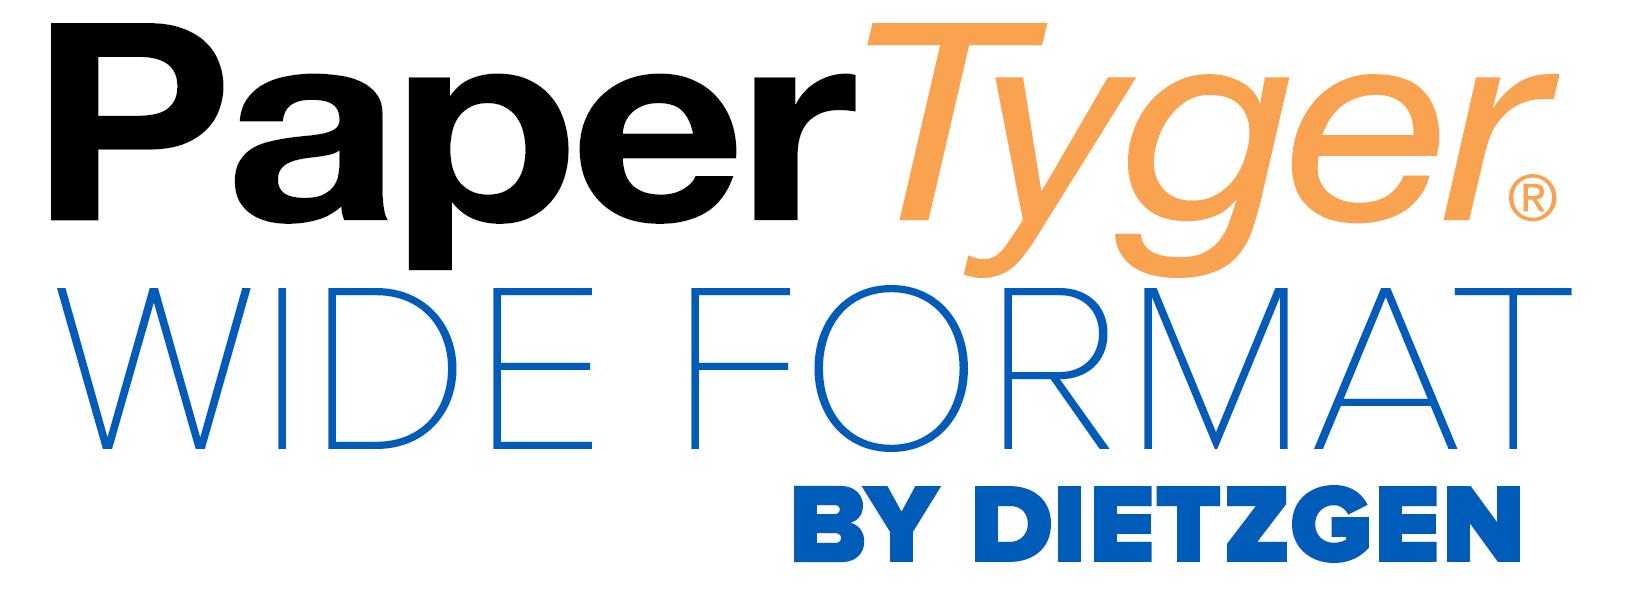 papertyger-logo.png